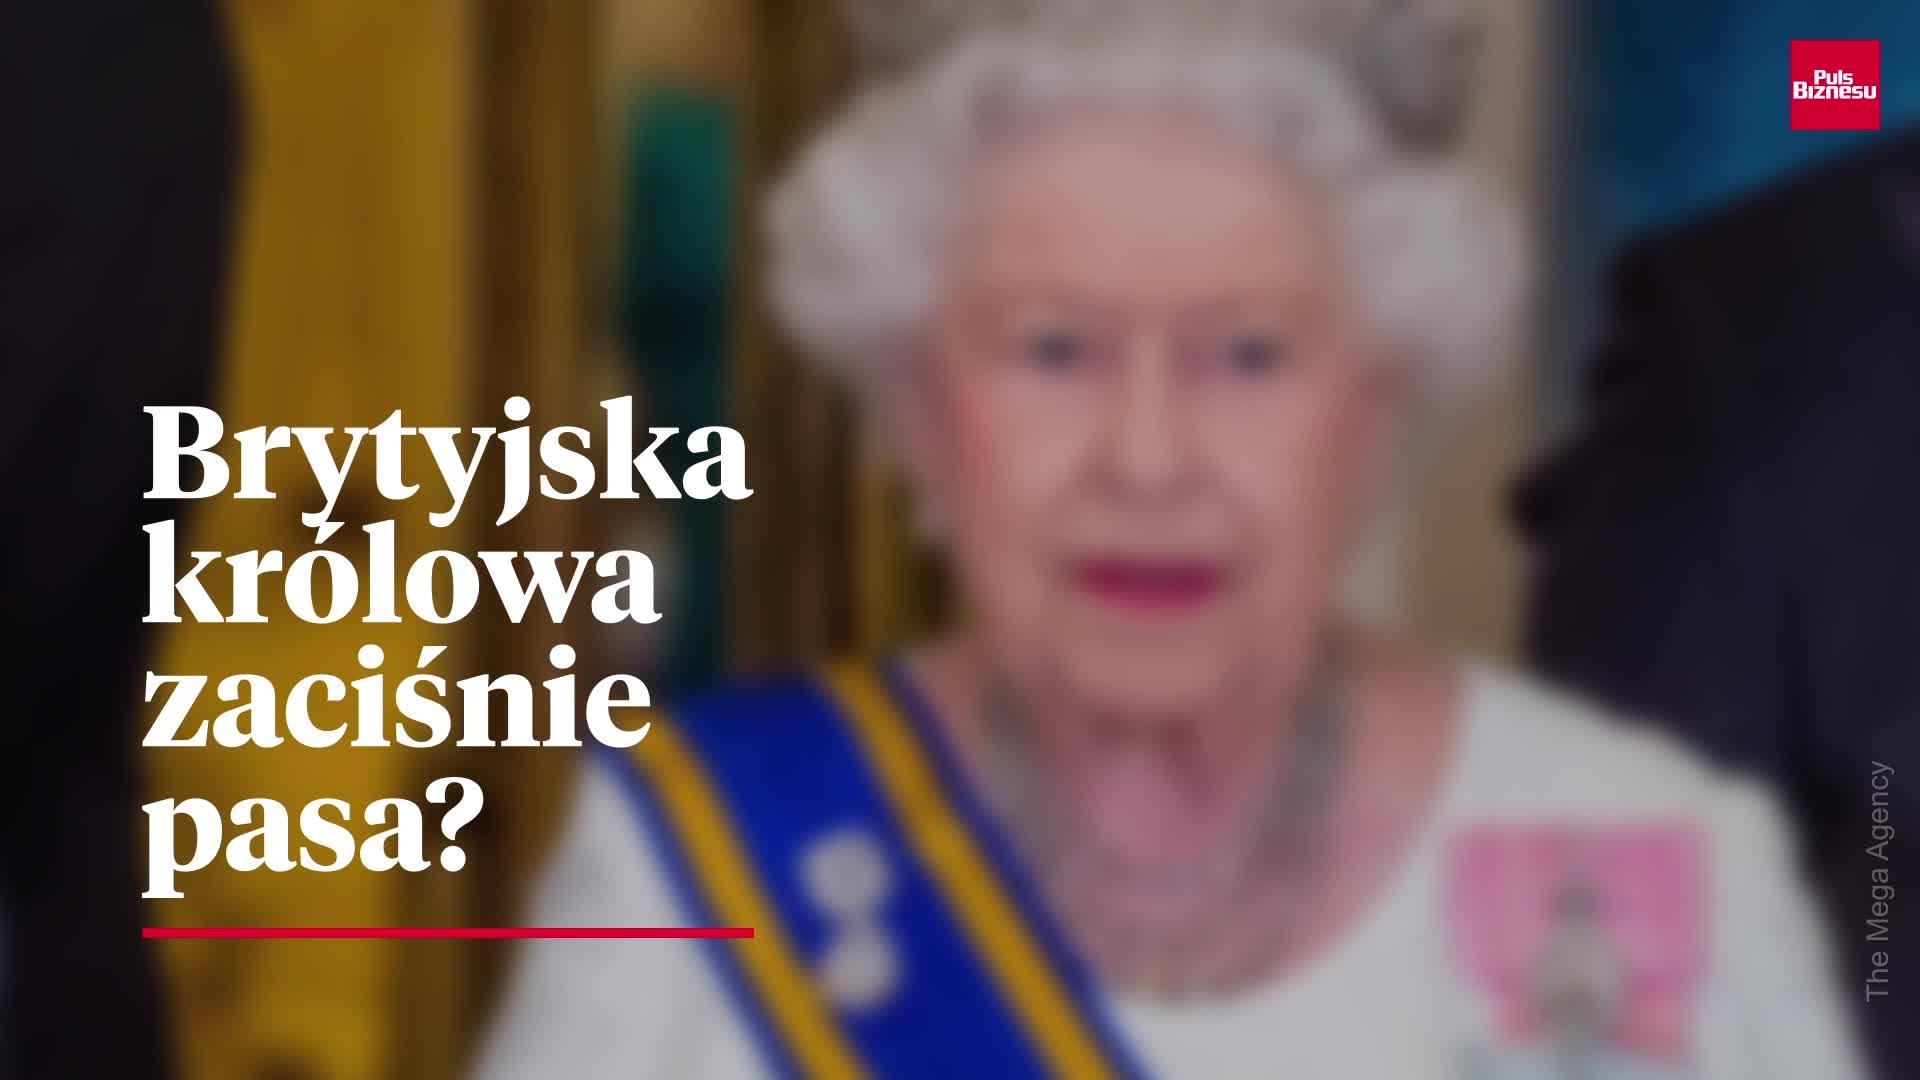 Brytyjska rodzina królewska będzie musiała zacisnąć pasa